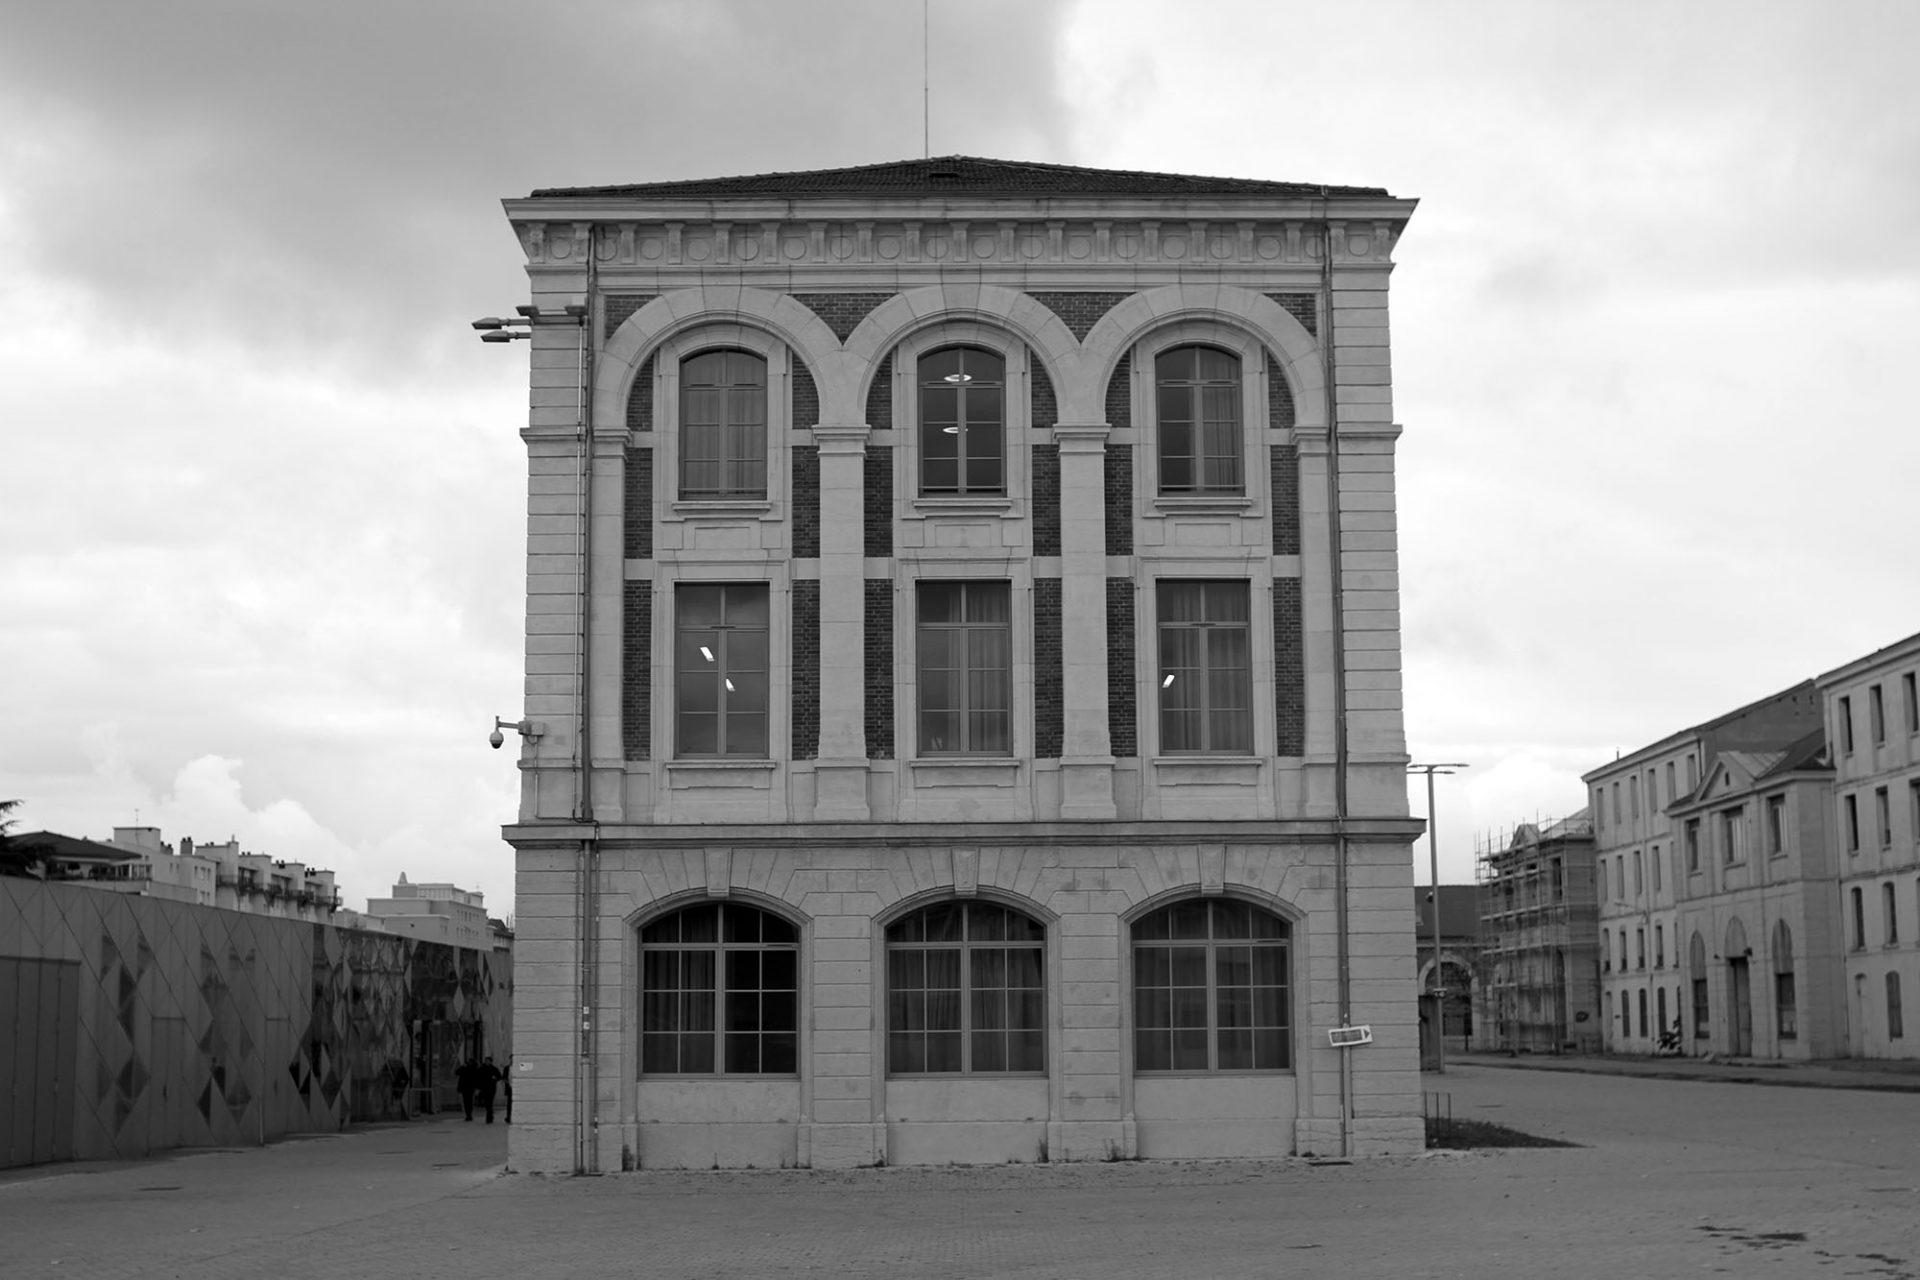 Cité du Design.  Historische Fabrikationsbauten der ehemaligen Königlichen Waffenmanufaktur.